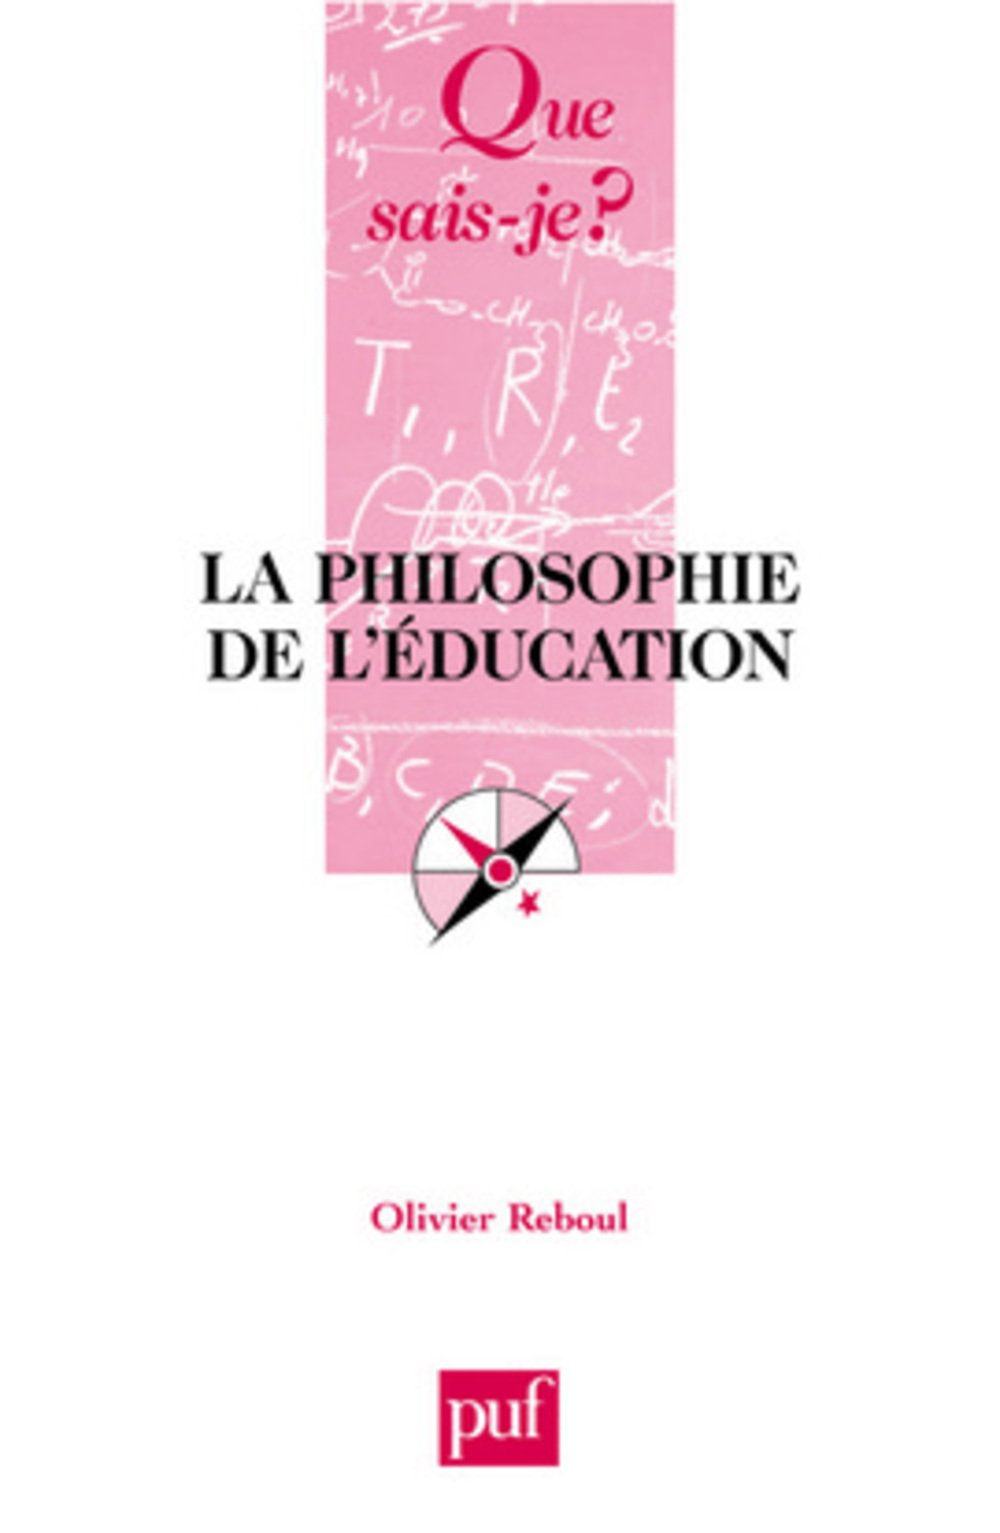 Que sais-je : La Philosophie de l'éducation Poche – 1 juin 2001 Olivier Reboul Que sais-je ? 2130519601 Philosophie - Education